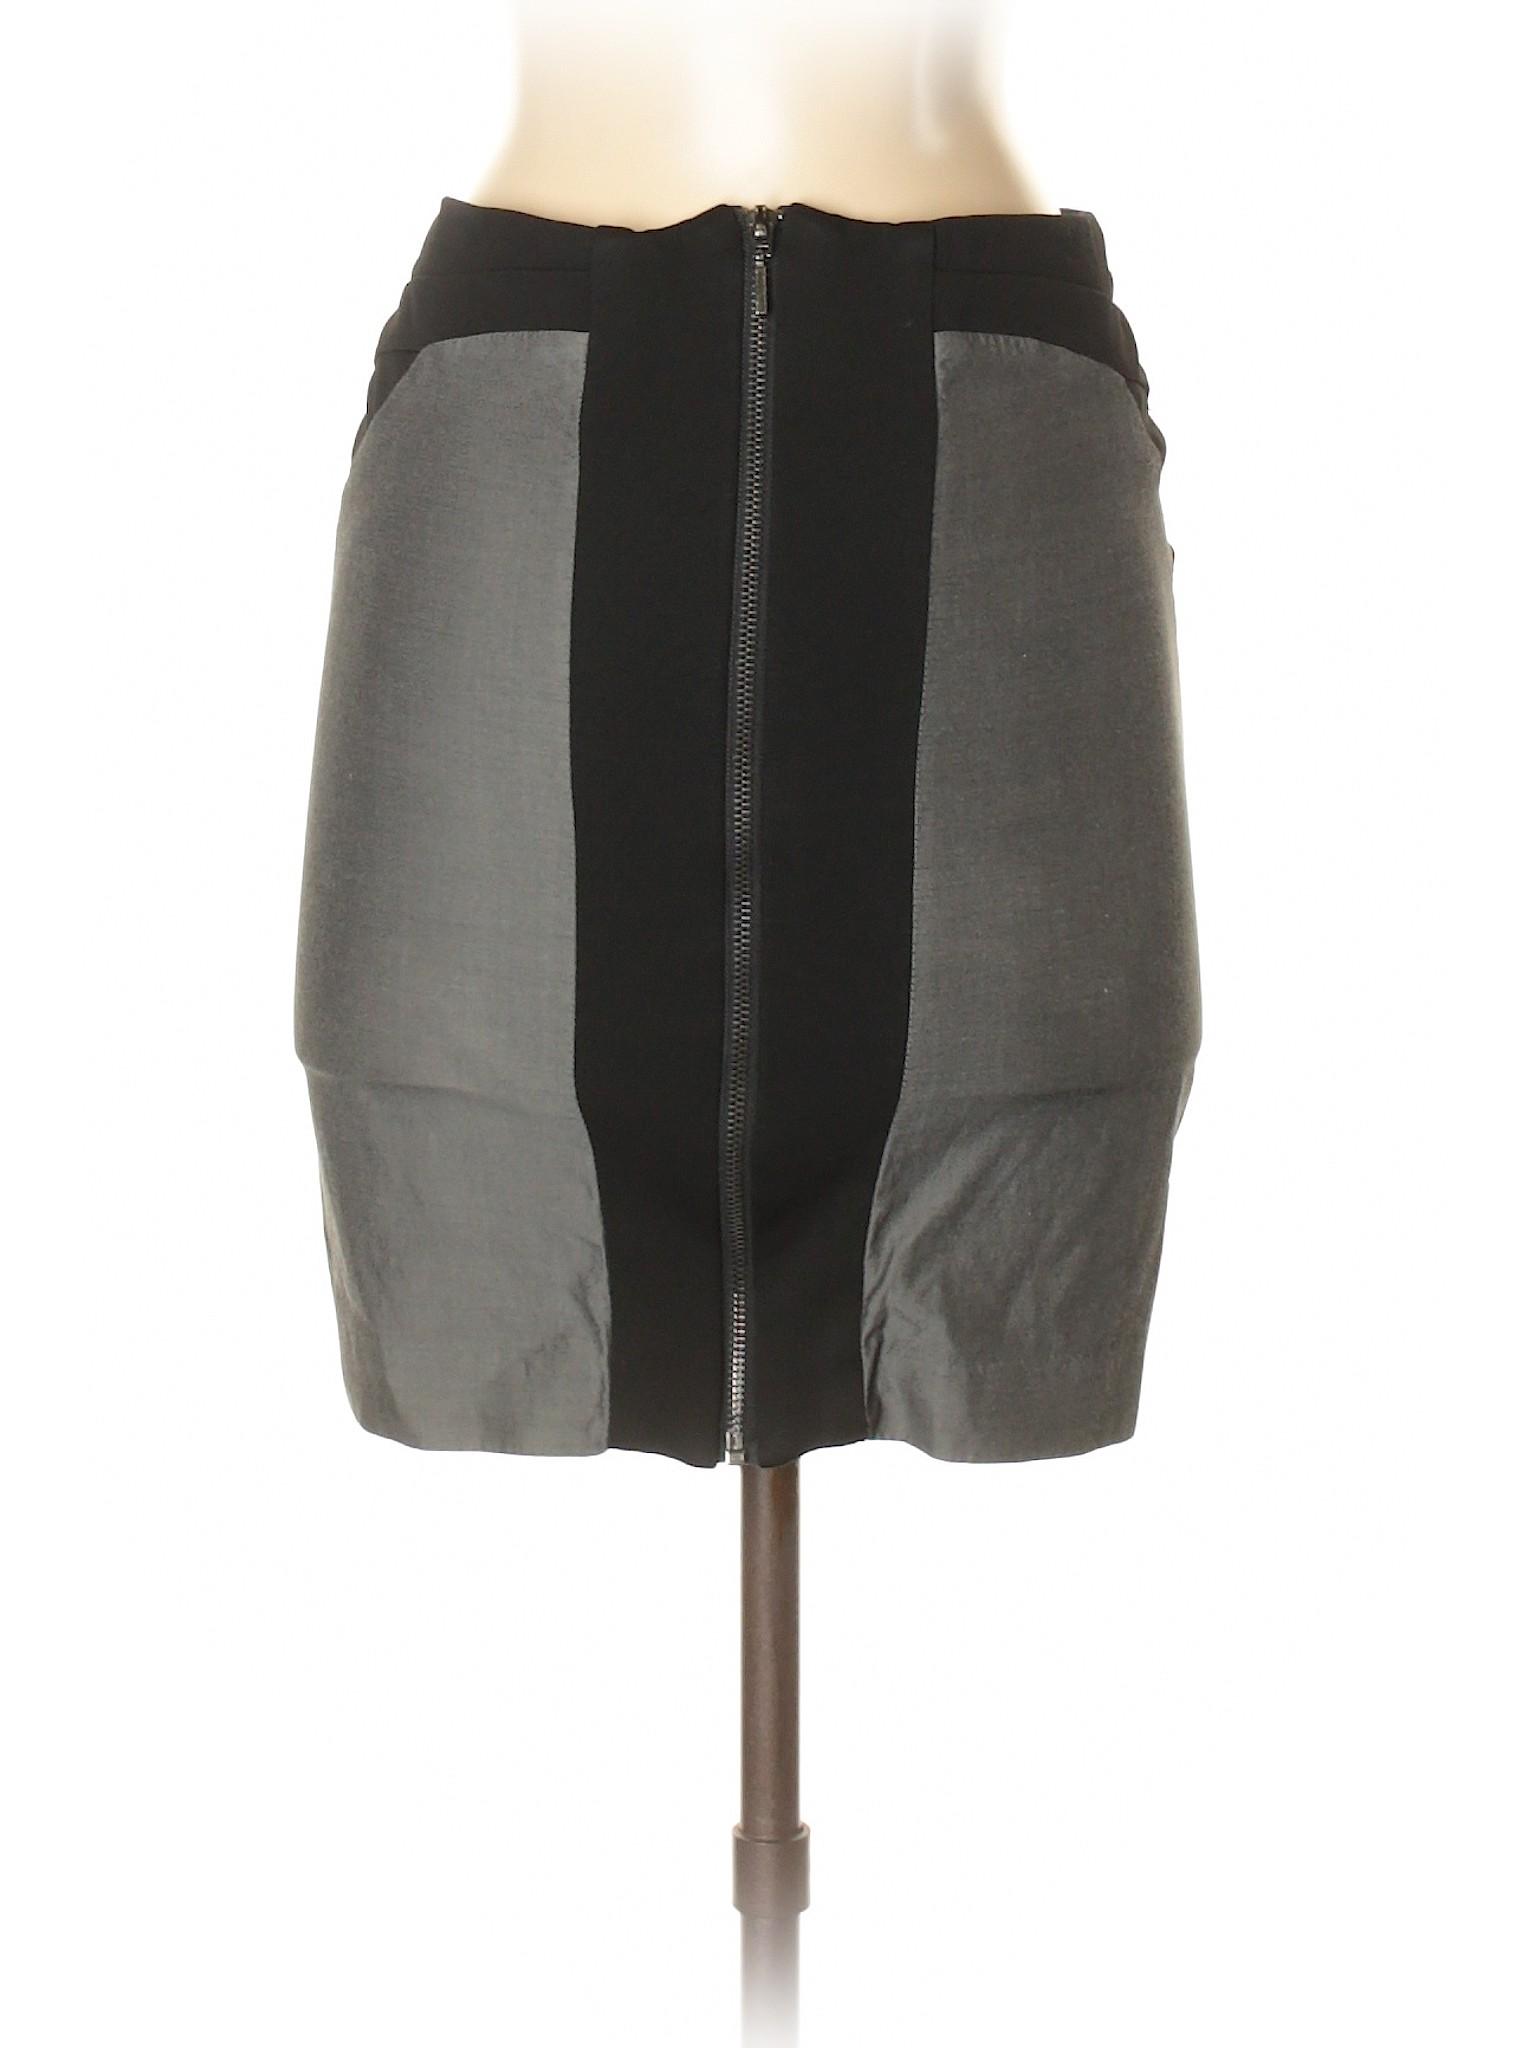 Boutique Skirt Bebe Silk Bebe Boutique Sqw1gv8S